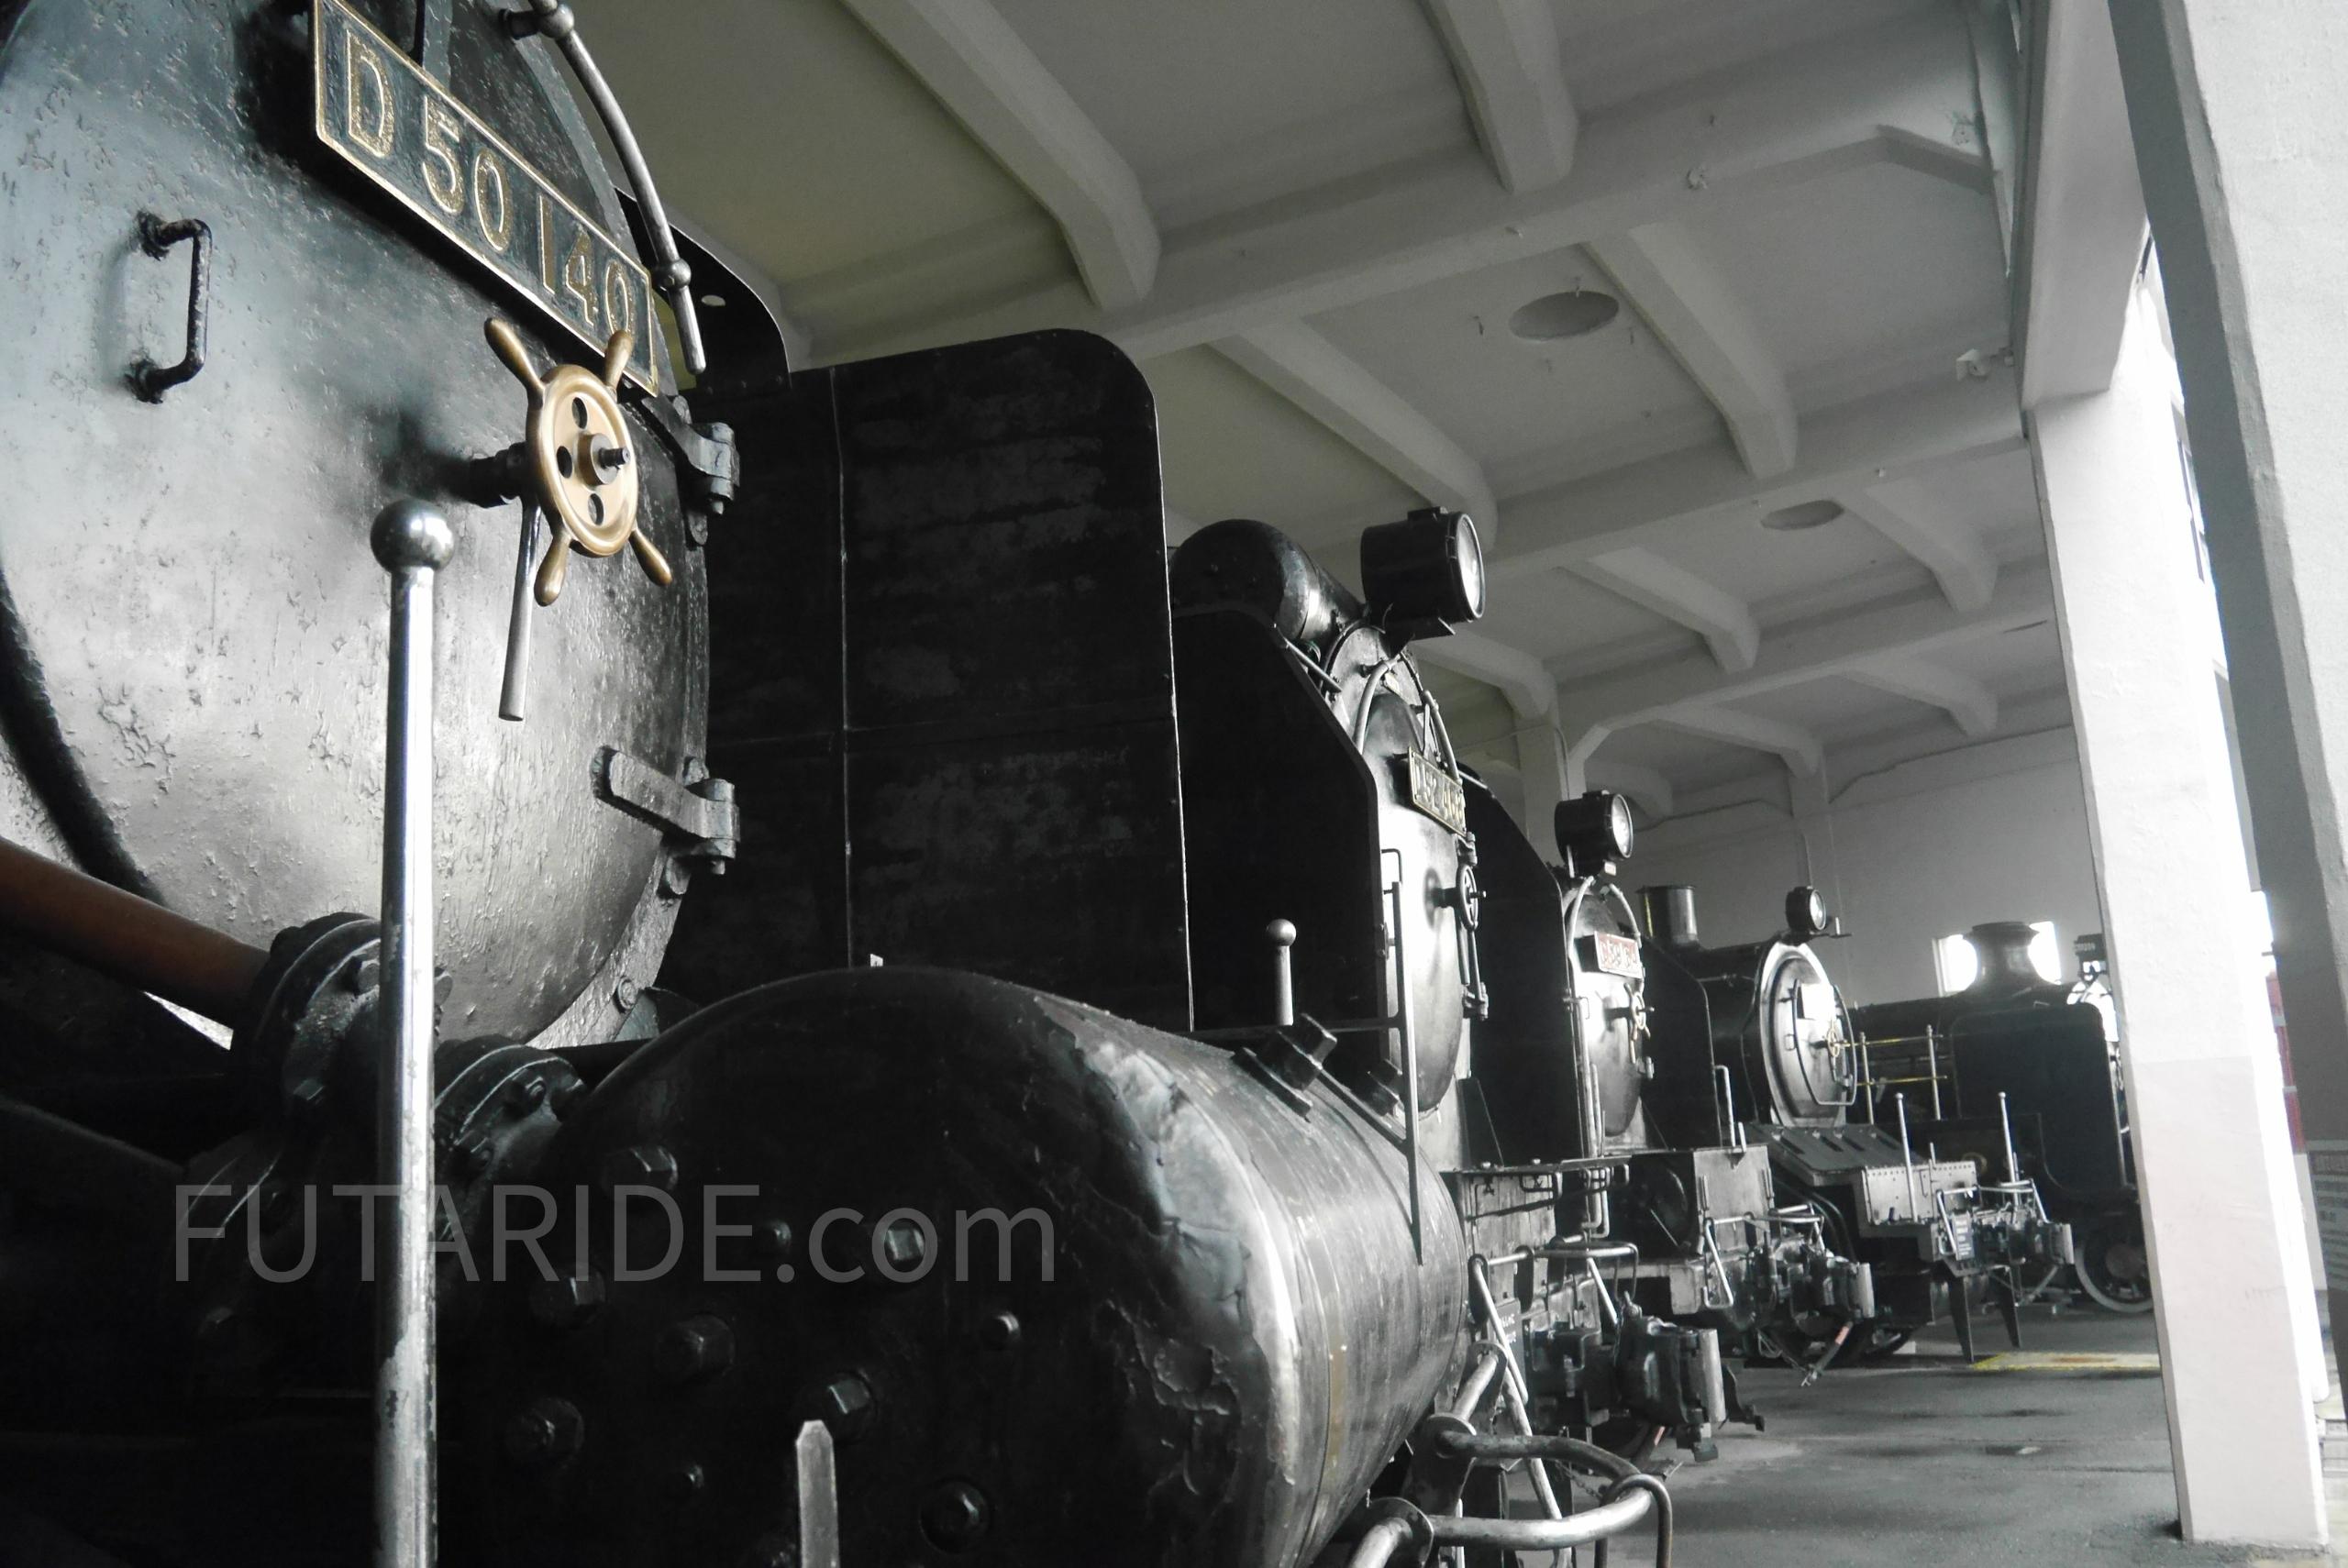 【まんねり解消!?】鉄オタではないけど楽しめる!20代女子の京都鉄道博物館デート